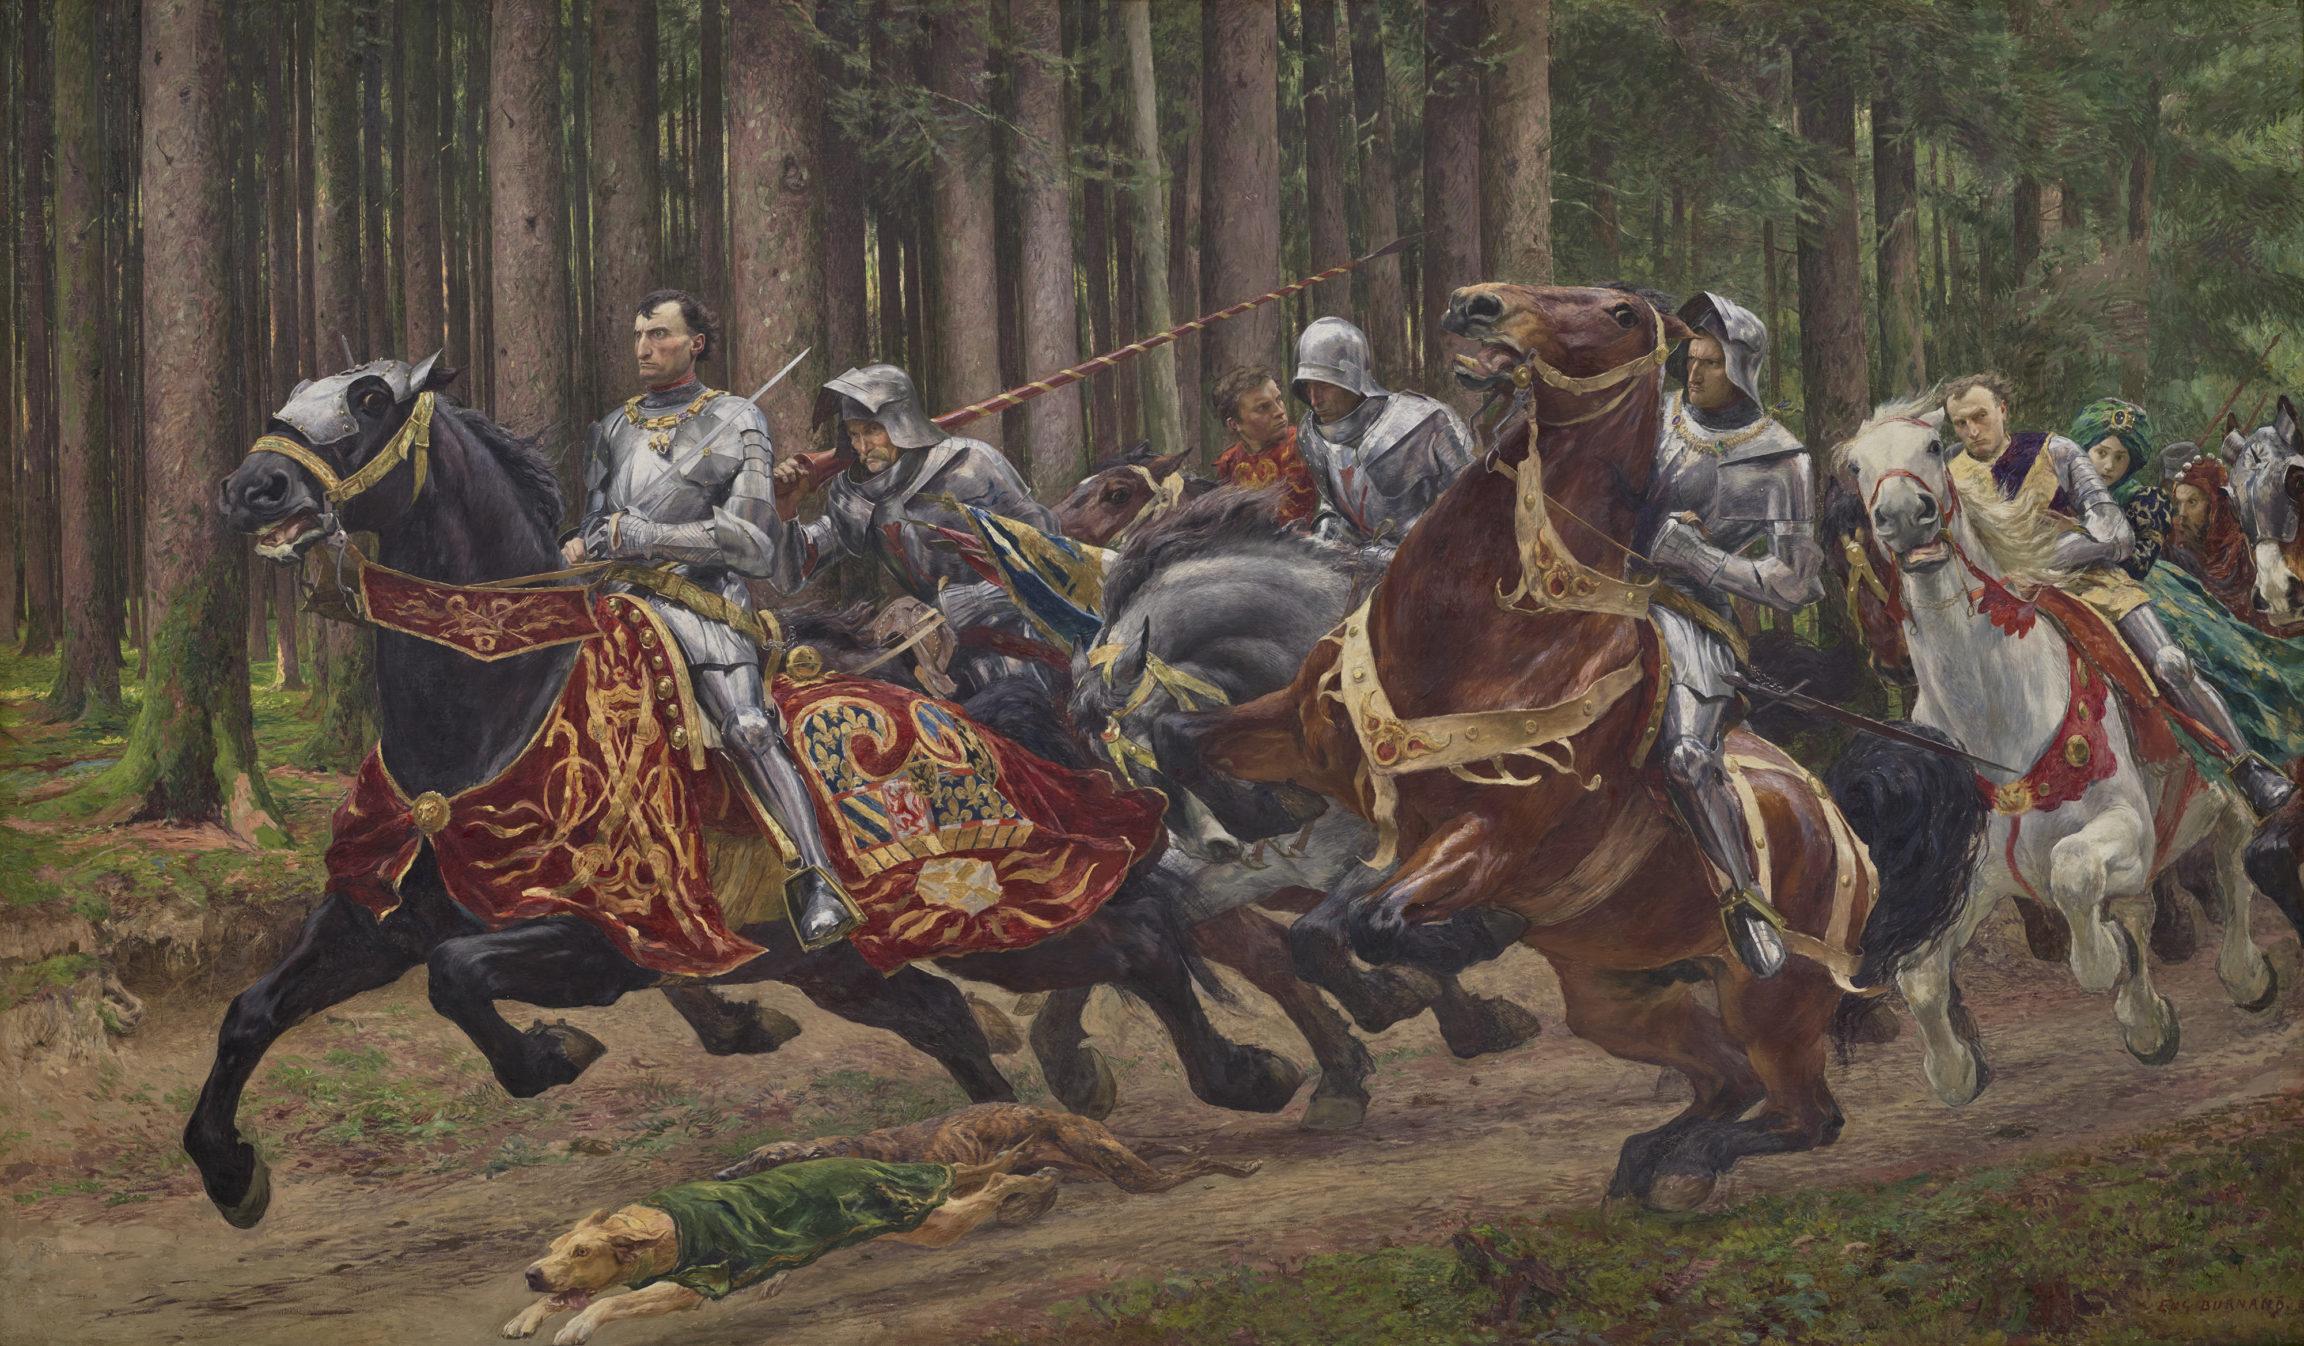 Eugène Burnand, La fuite de Charles le Téméraire, 1894-1895